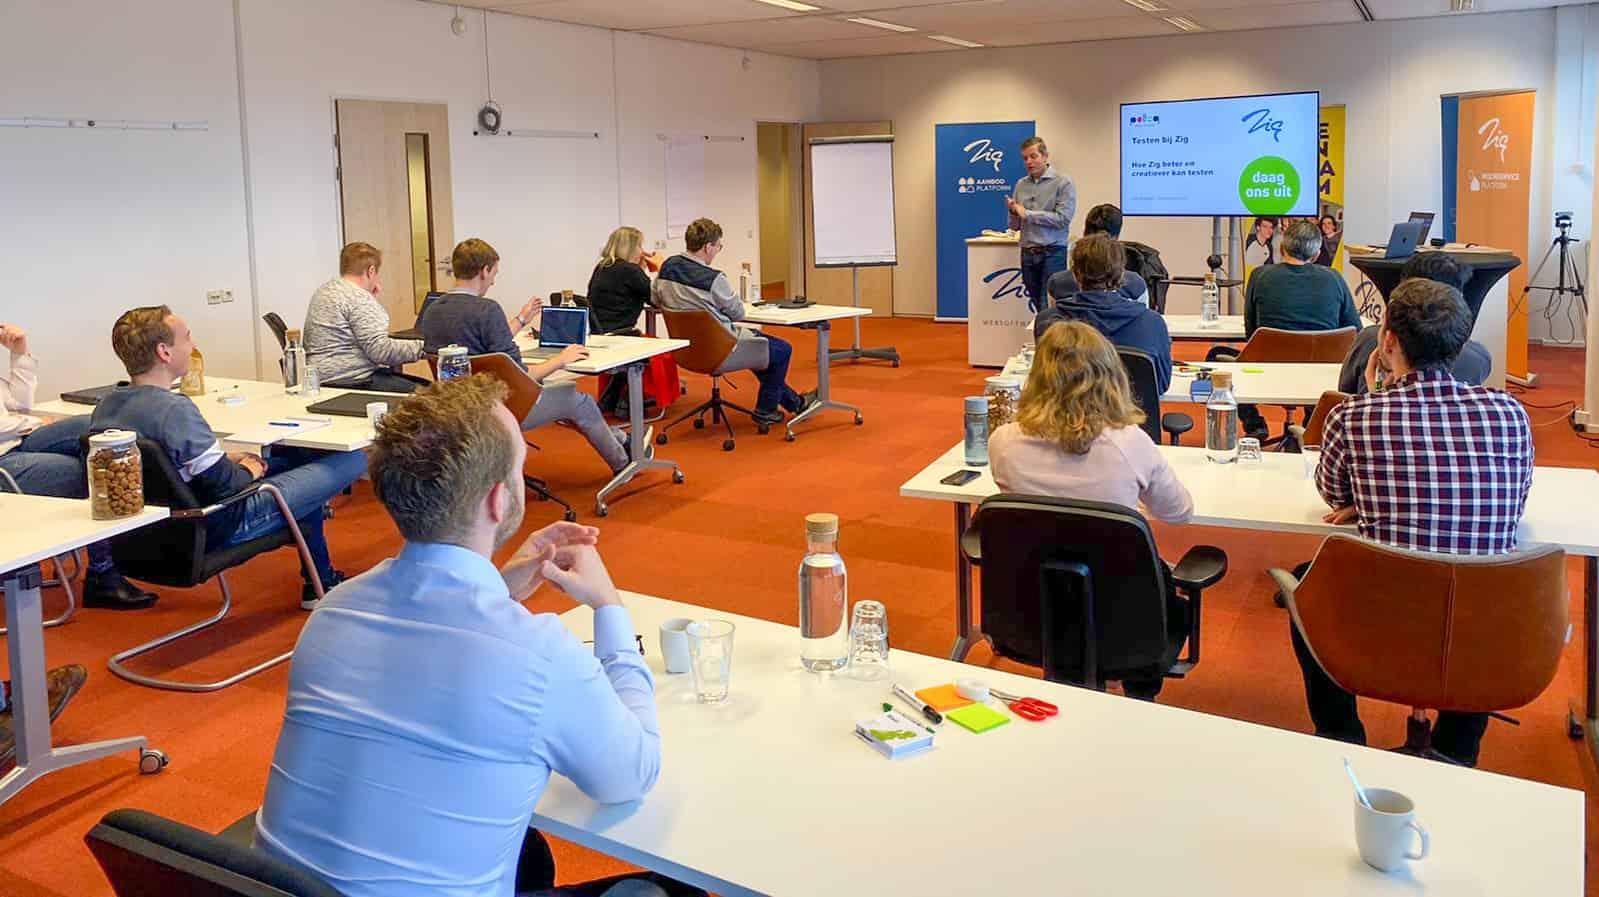 Onlangs heeft Polteq bij haar klant Zig Websoftware, een workshop gehouden over de plaats van testen in de context van hun software-ontwikkelproces.